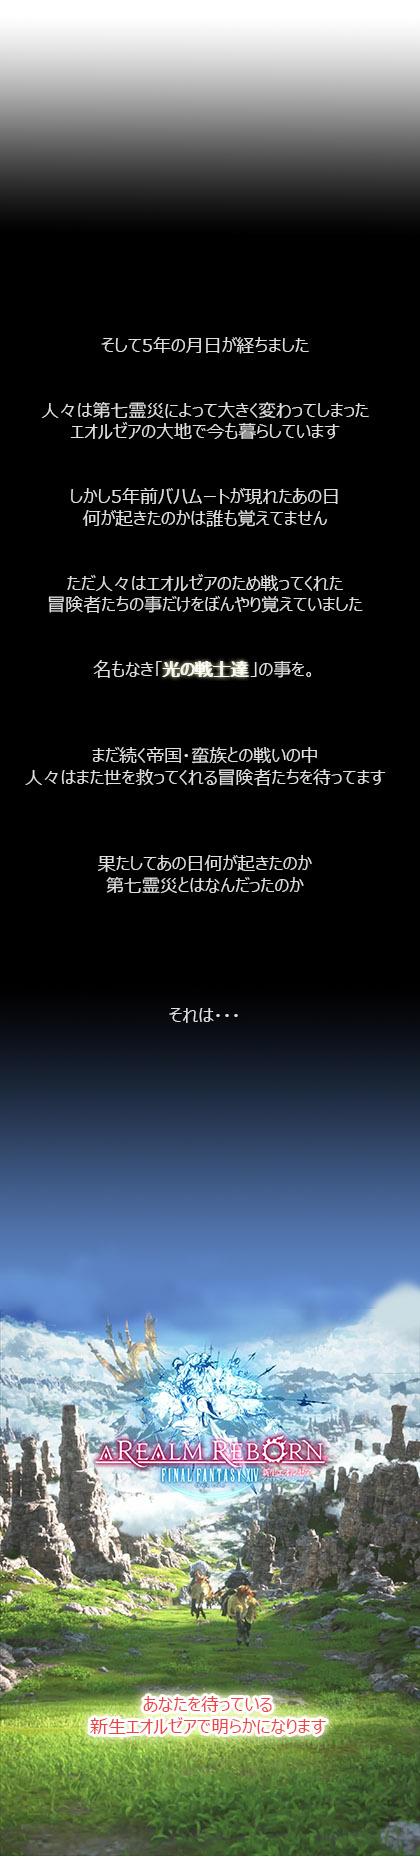 old_story_02_37.jpg